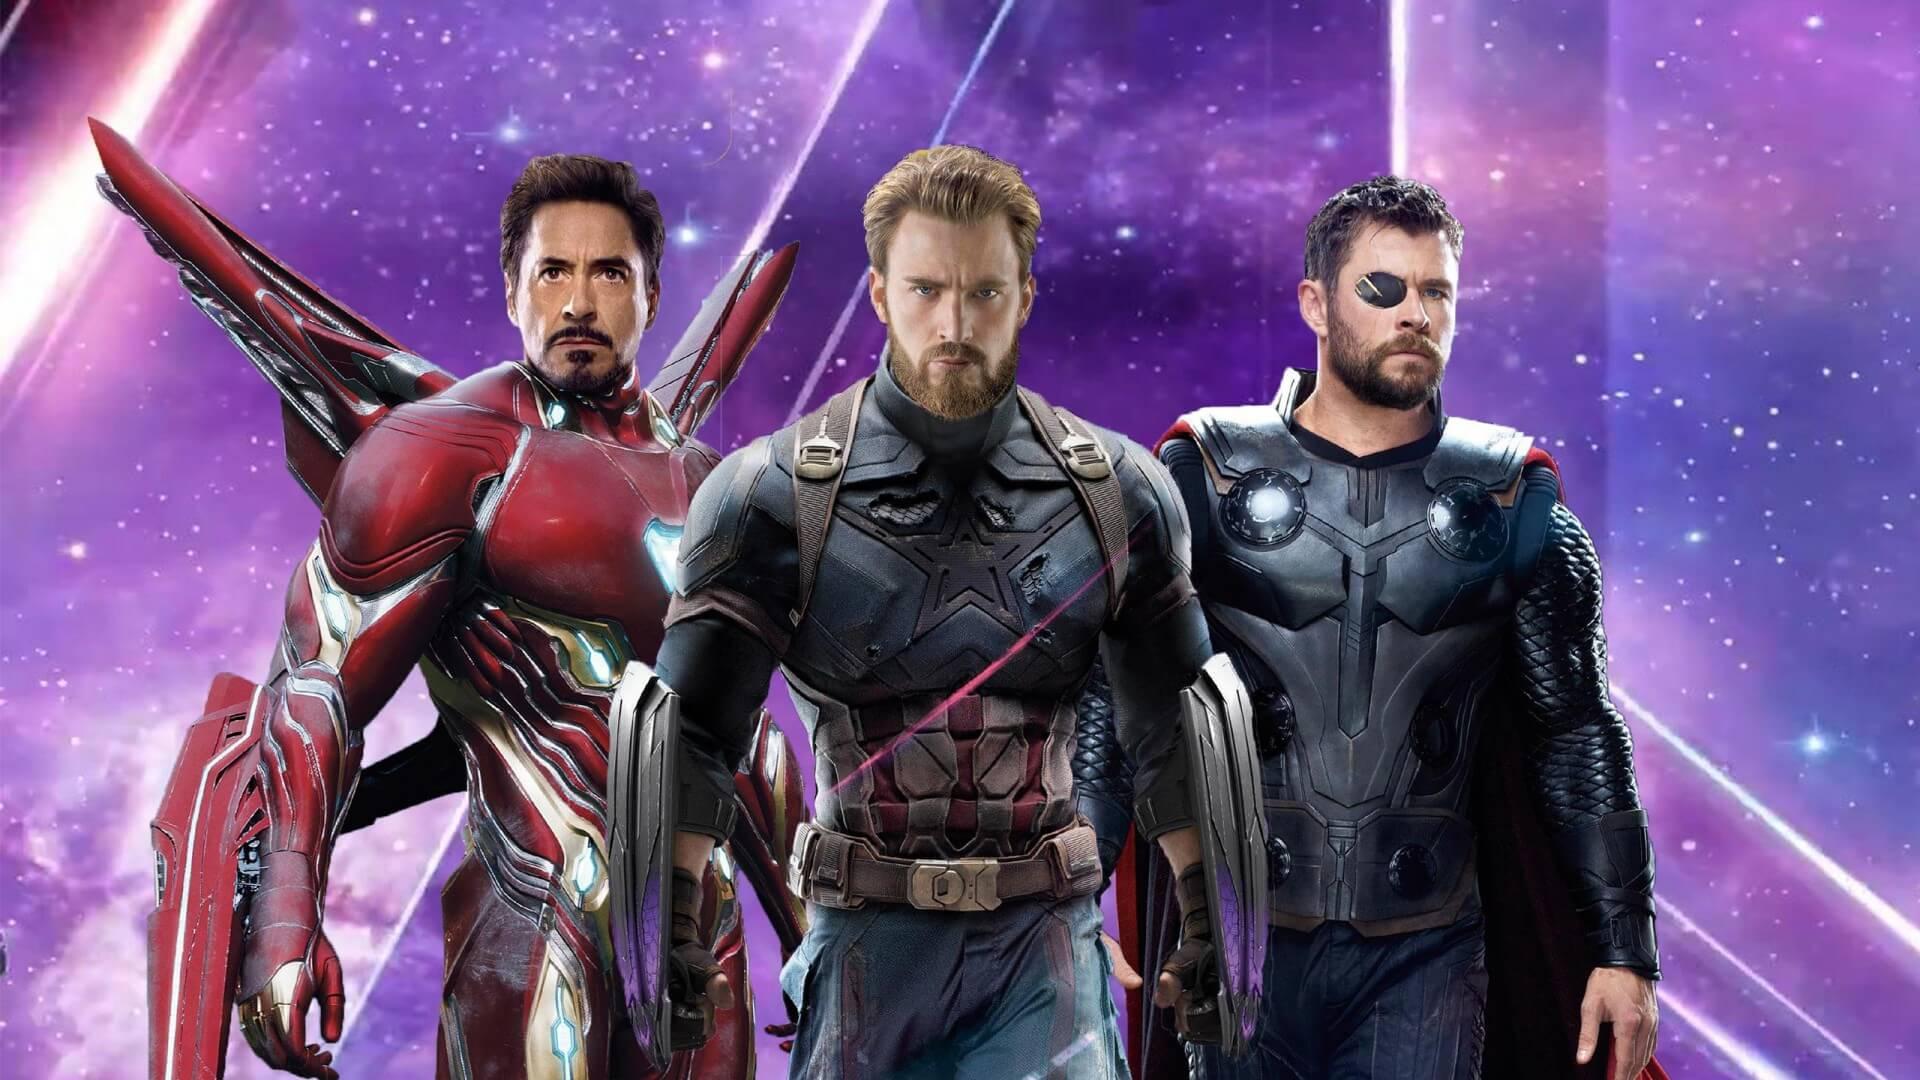 就算驚奇隊長不在地球,我們還有鋼鐵人、美國隊長以及雷神索爾等超級英雄在。